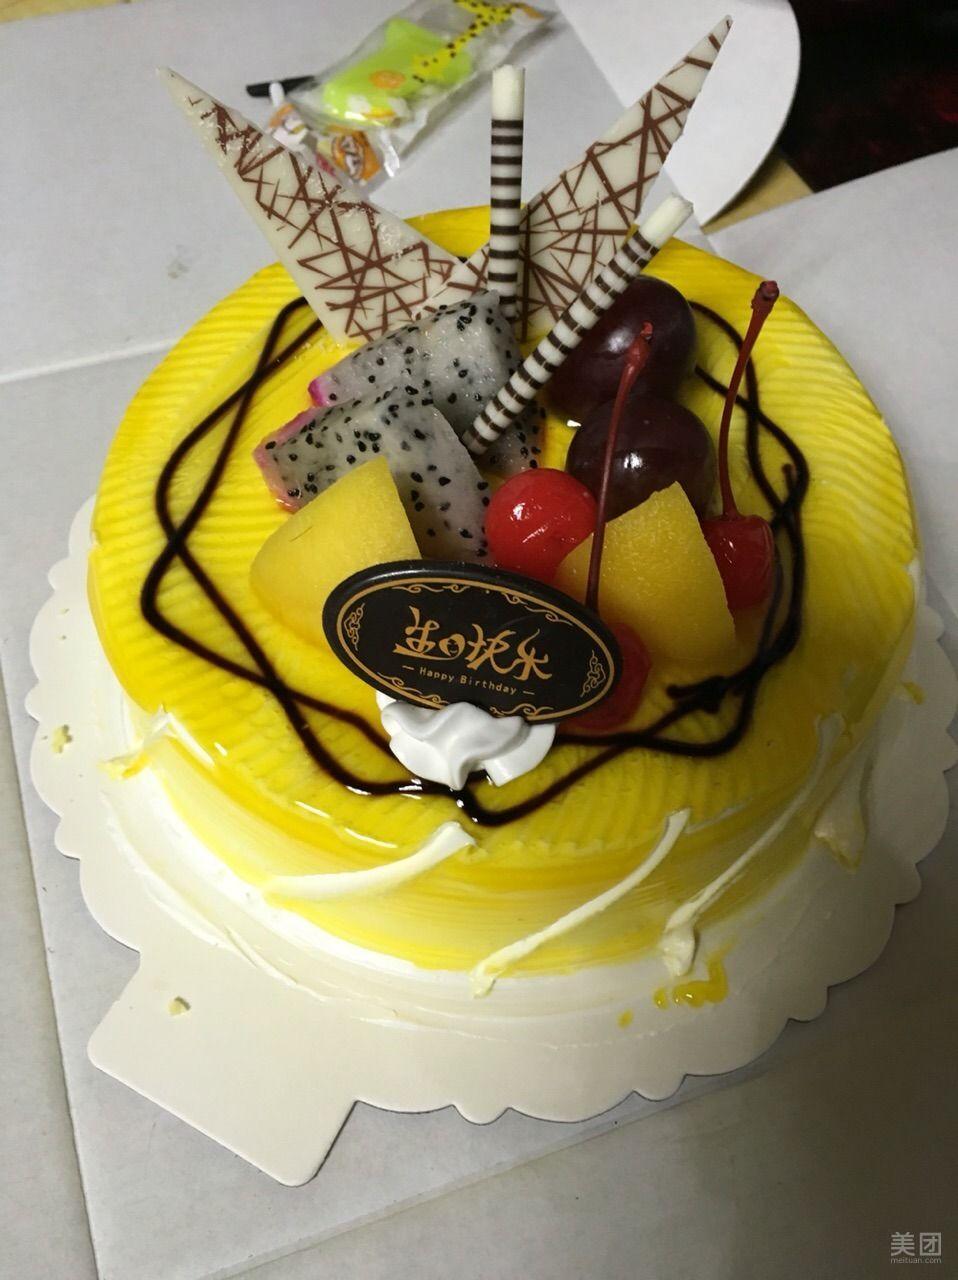 优麦滋蛋糕坊图片